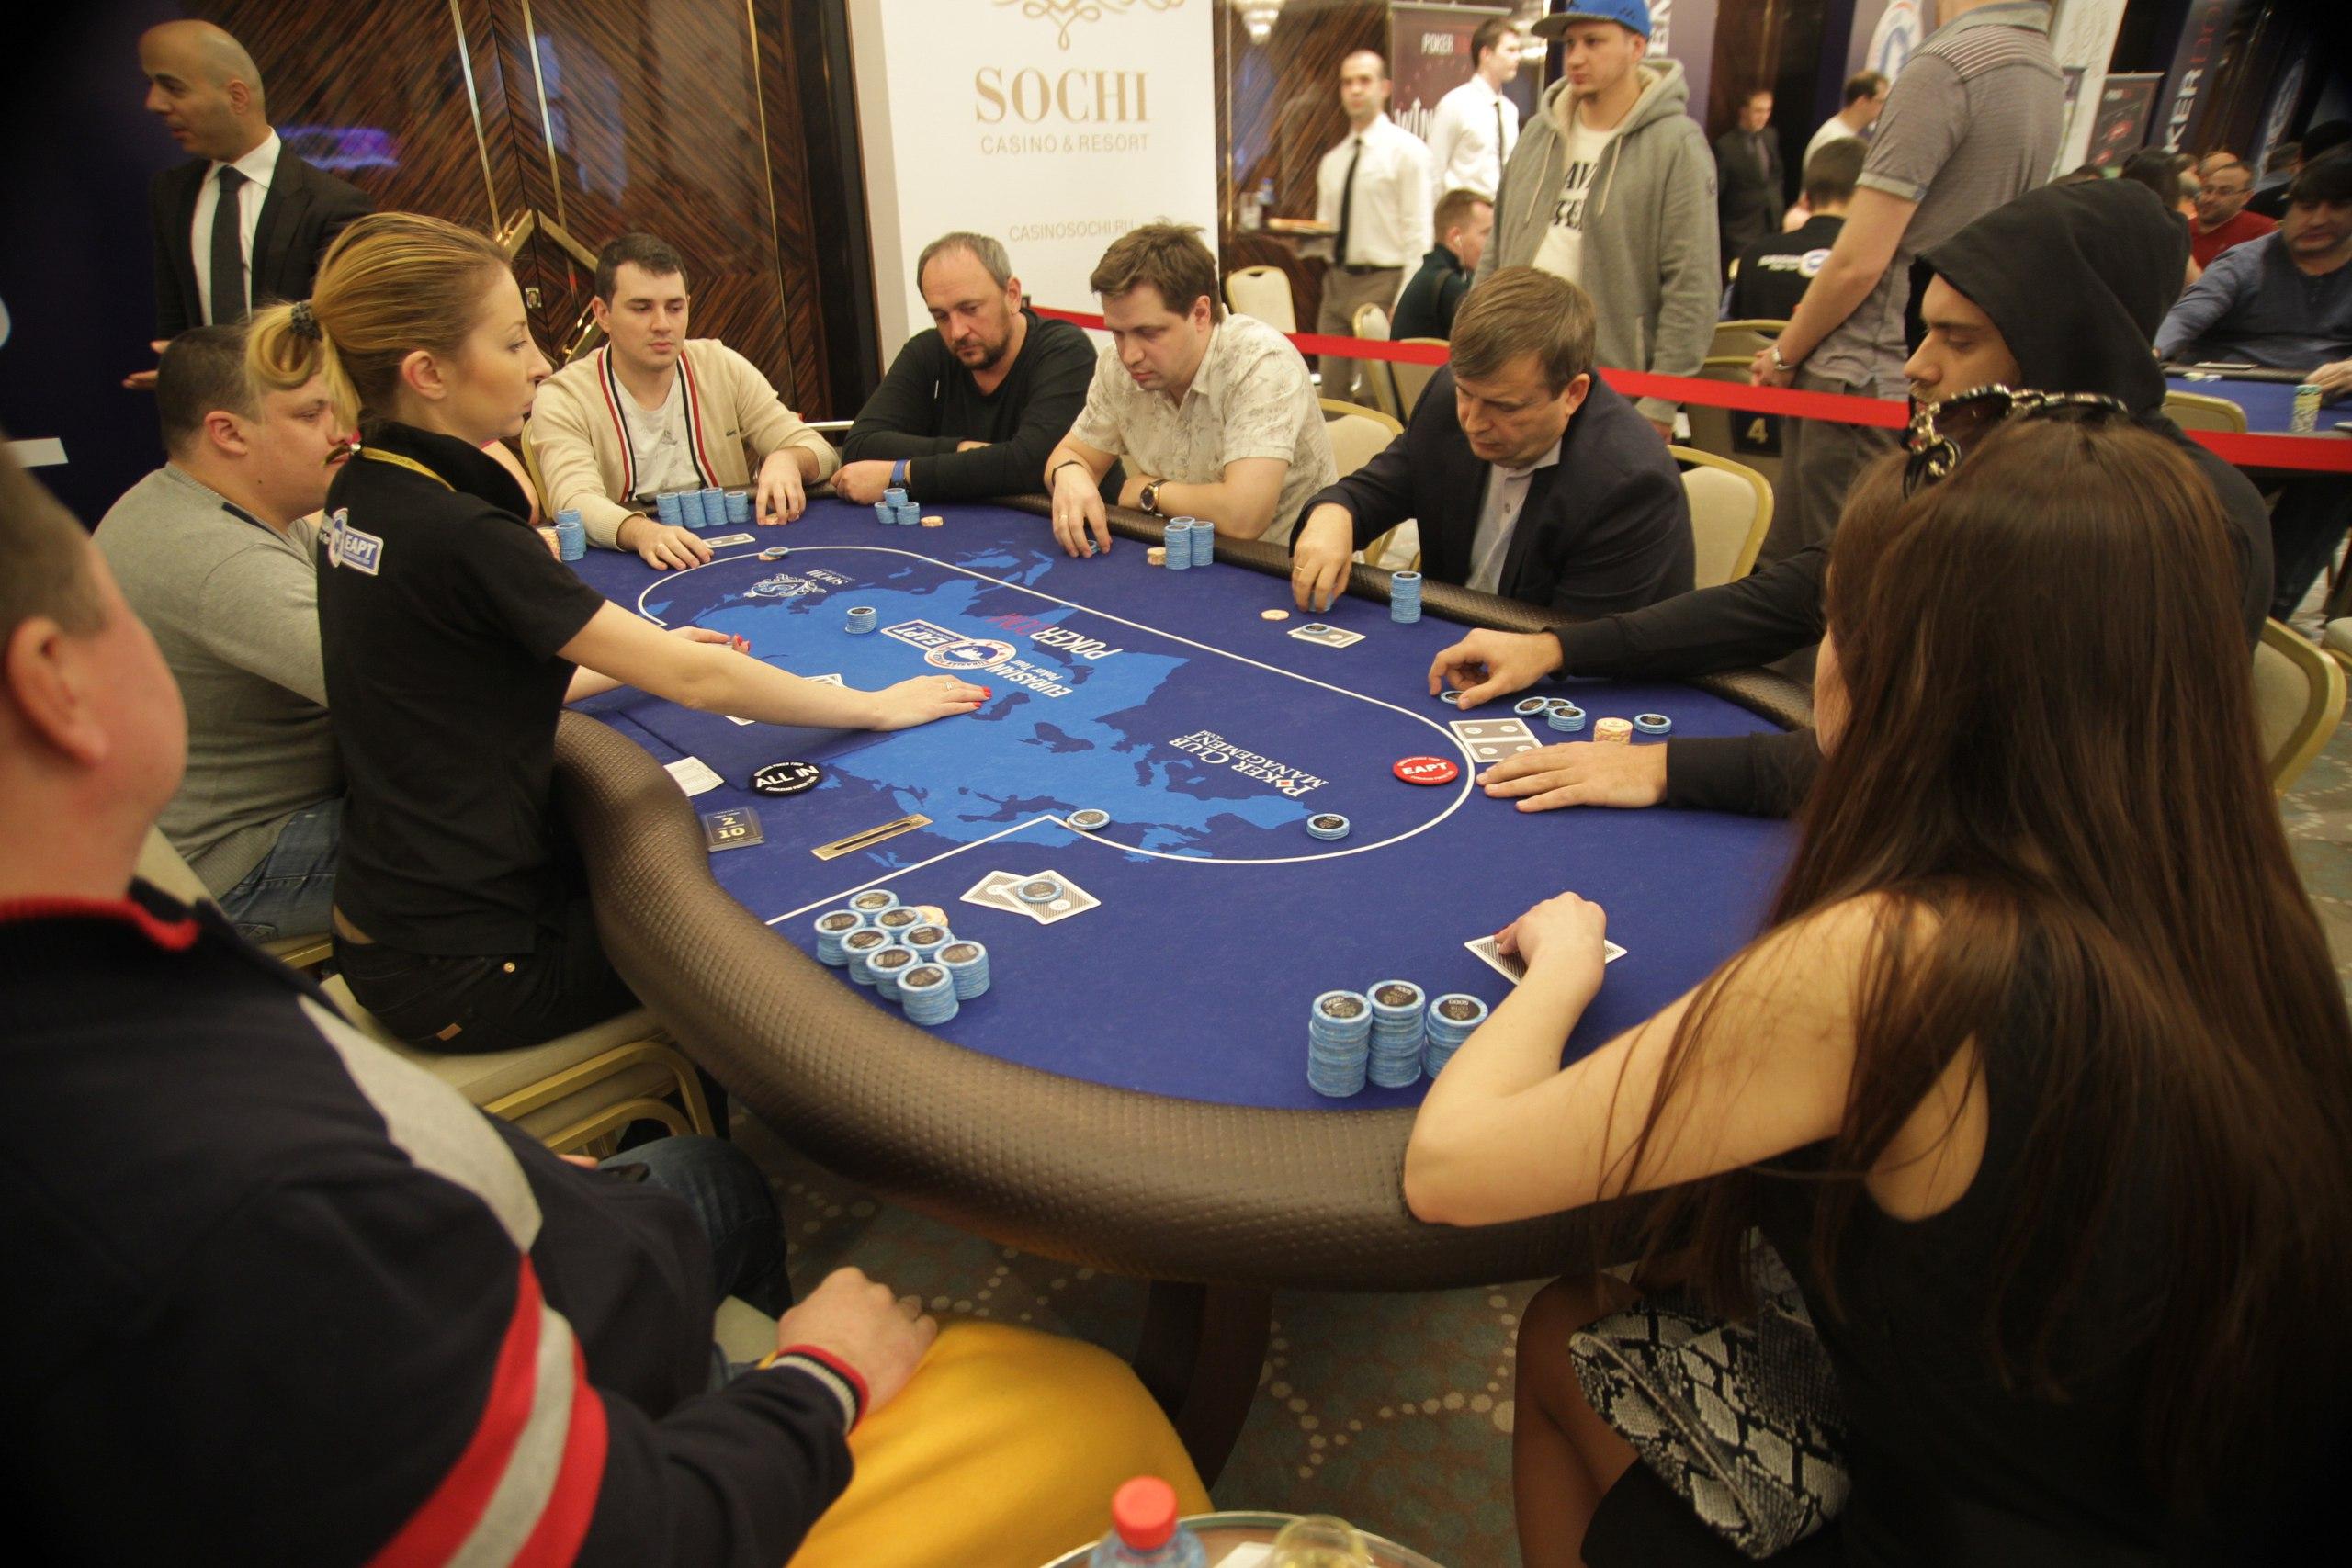 форум казино сочи